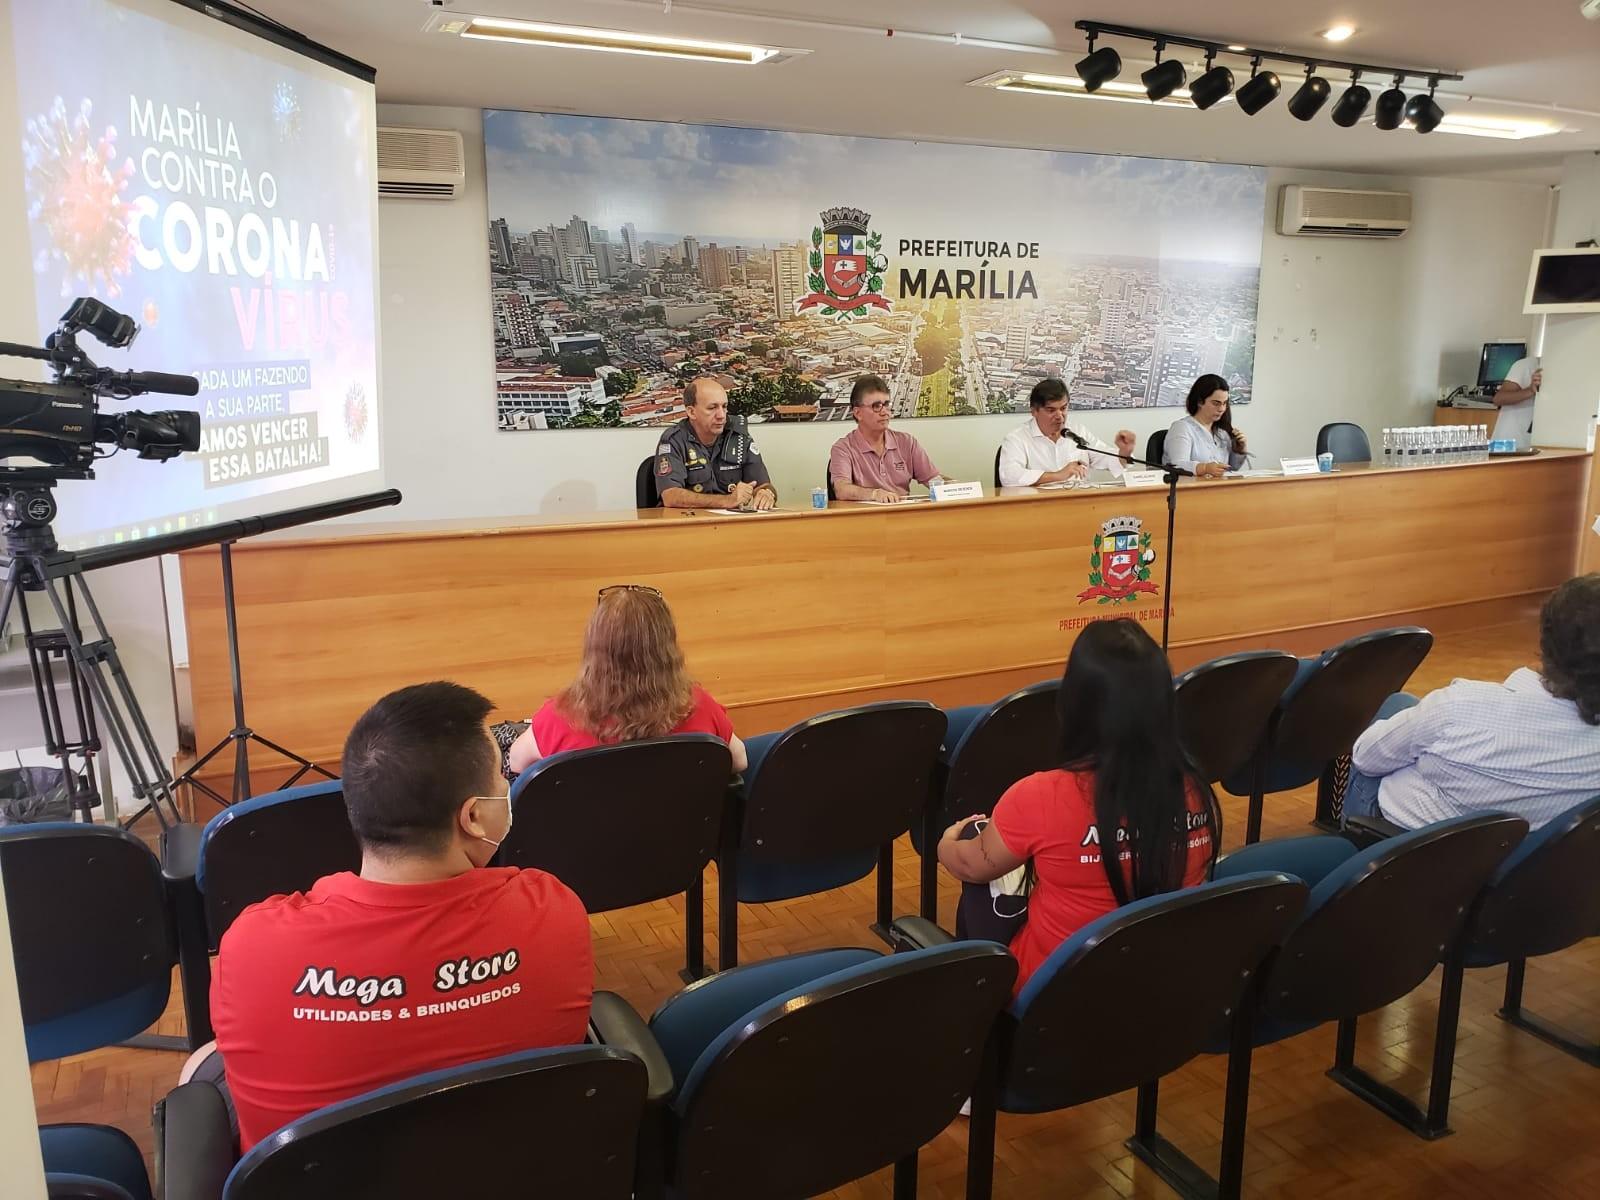 Prefeitura de Marília anuncia novo secretário de saúde e medidas de enfrentamento ao coronavírus